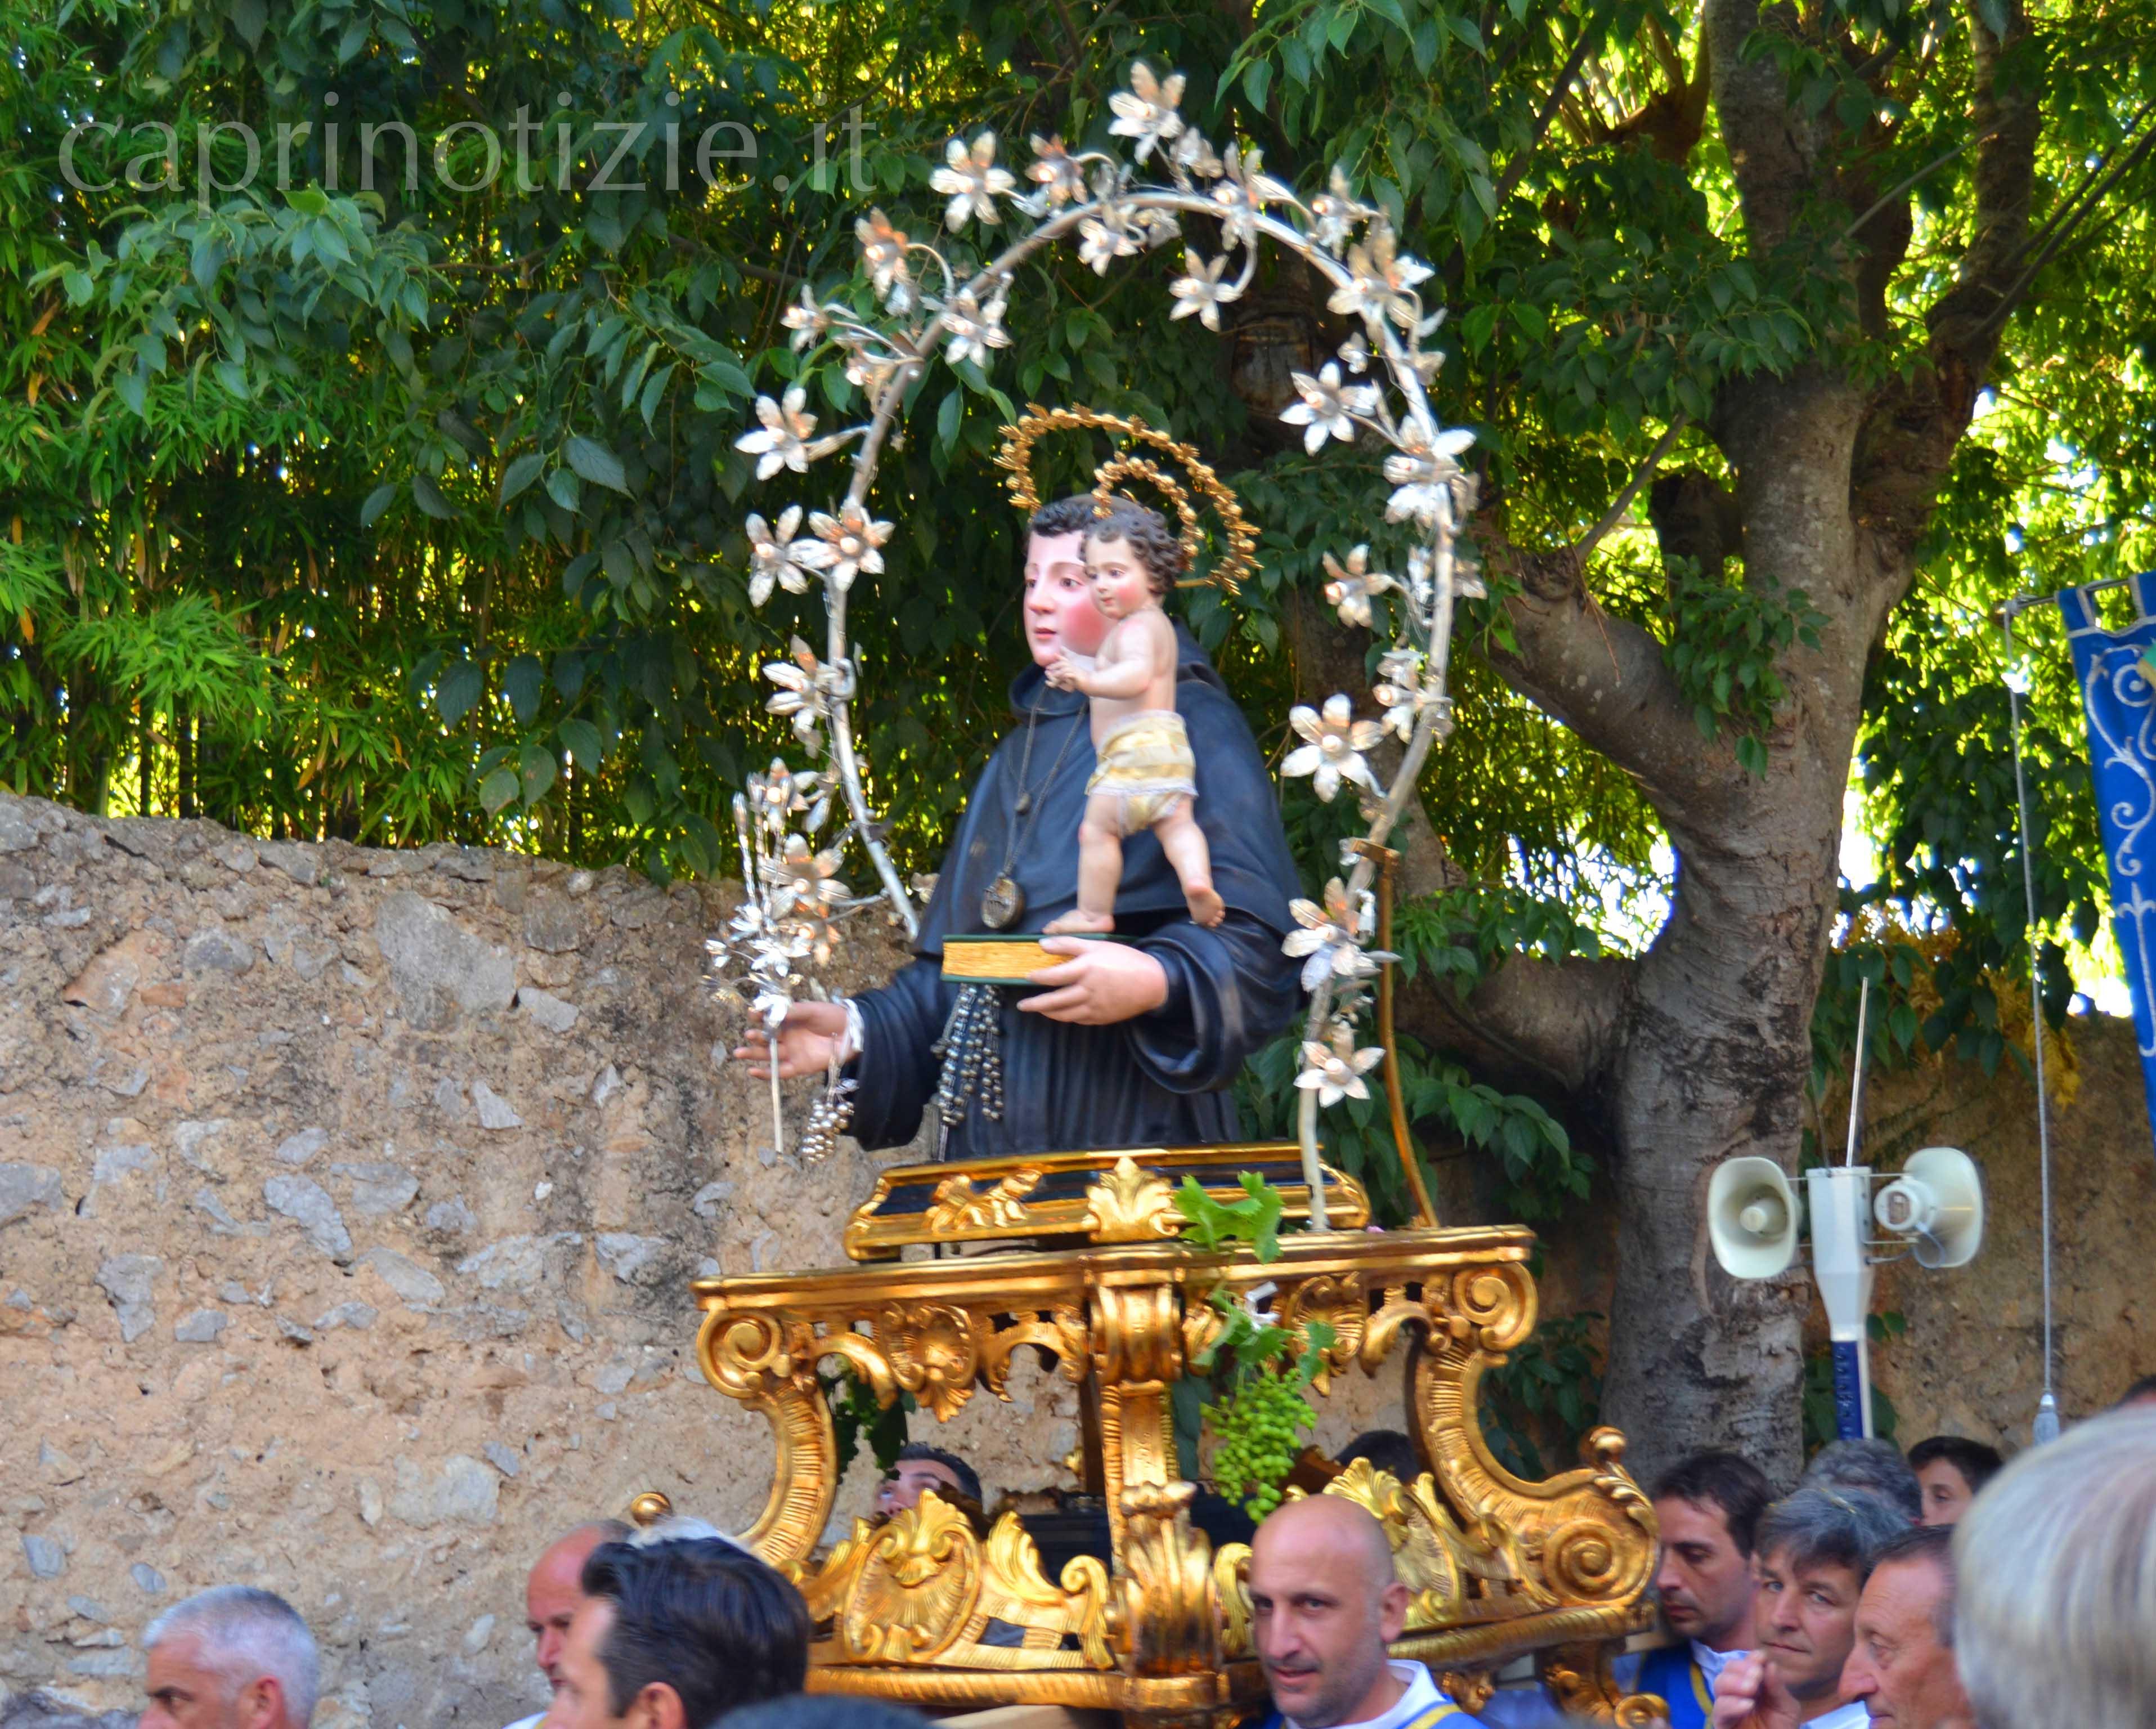 Anacapri,festa di Sant' Antonio 2013 il programma completo dei festeggiamenti